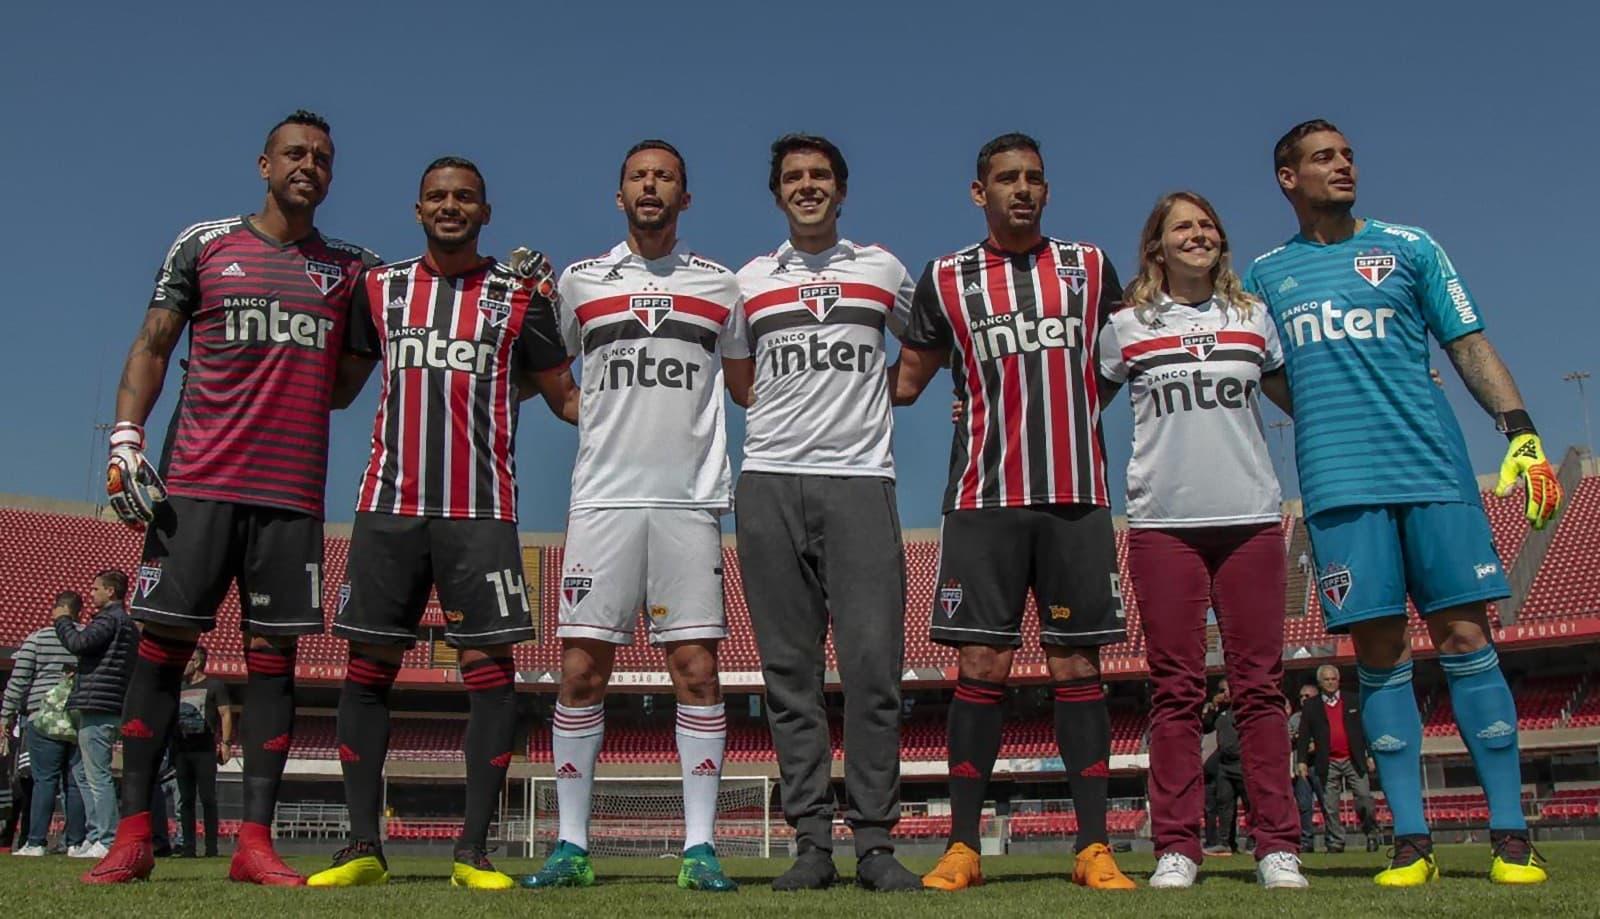 サンパウロ 2018-2019 ユニフォーム adidasが新サプライヤーに - ユニ11